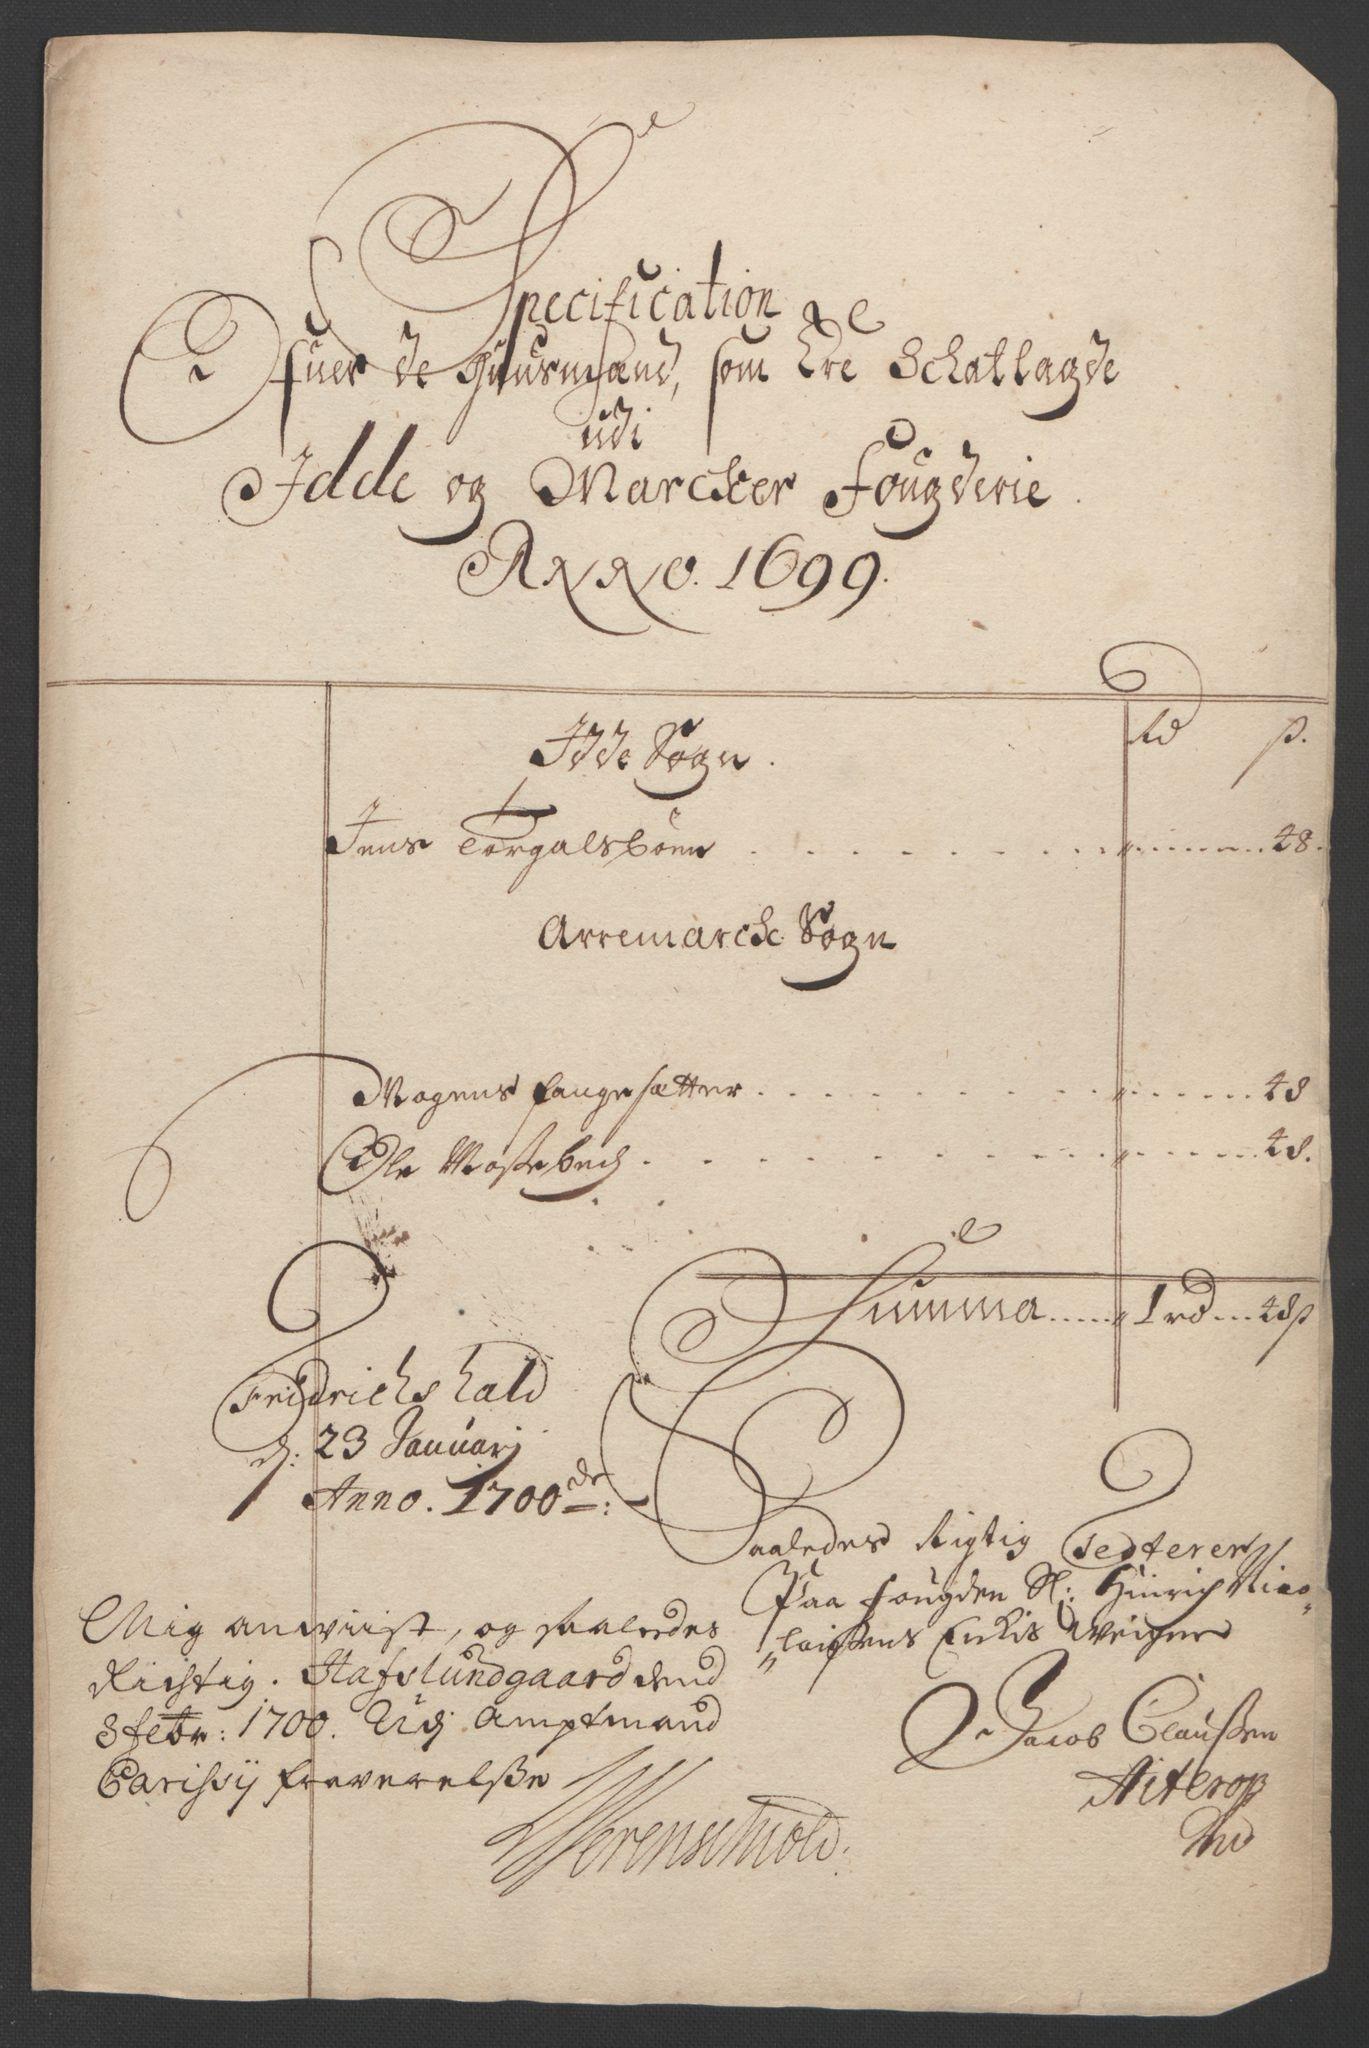 RA, Rentekammeret inntil 1814, Reviderte regnskaper, Fogderegnskap, R01/L0014: Fogderegnskap Idd og Marker, 1699, s. 88